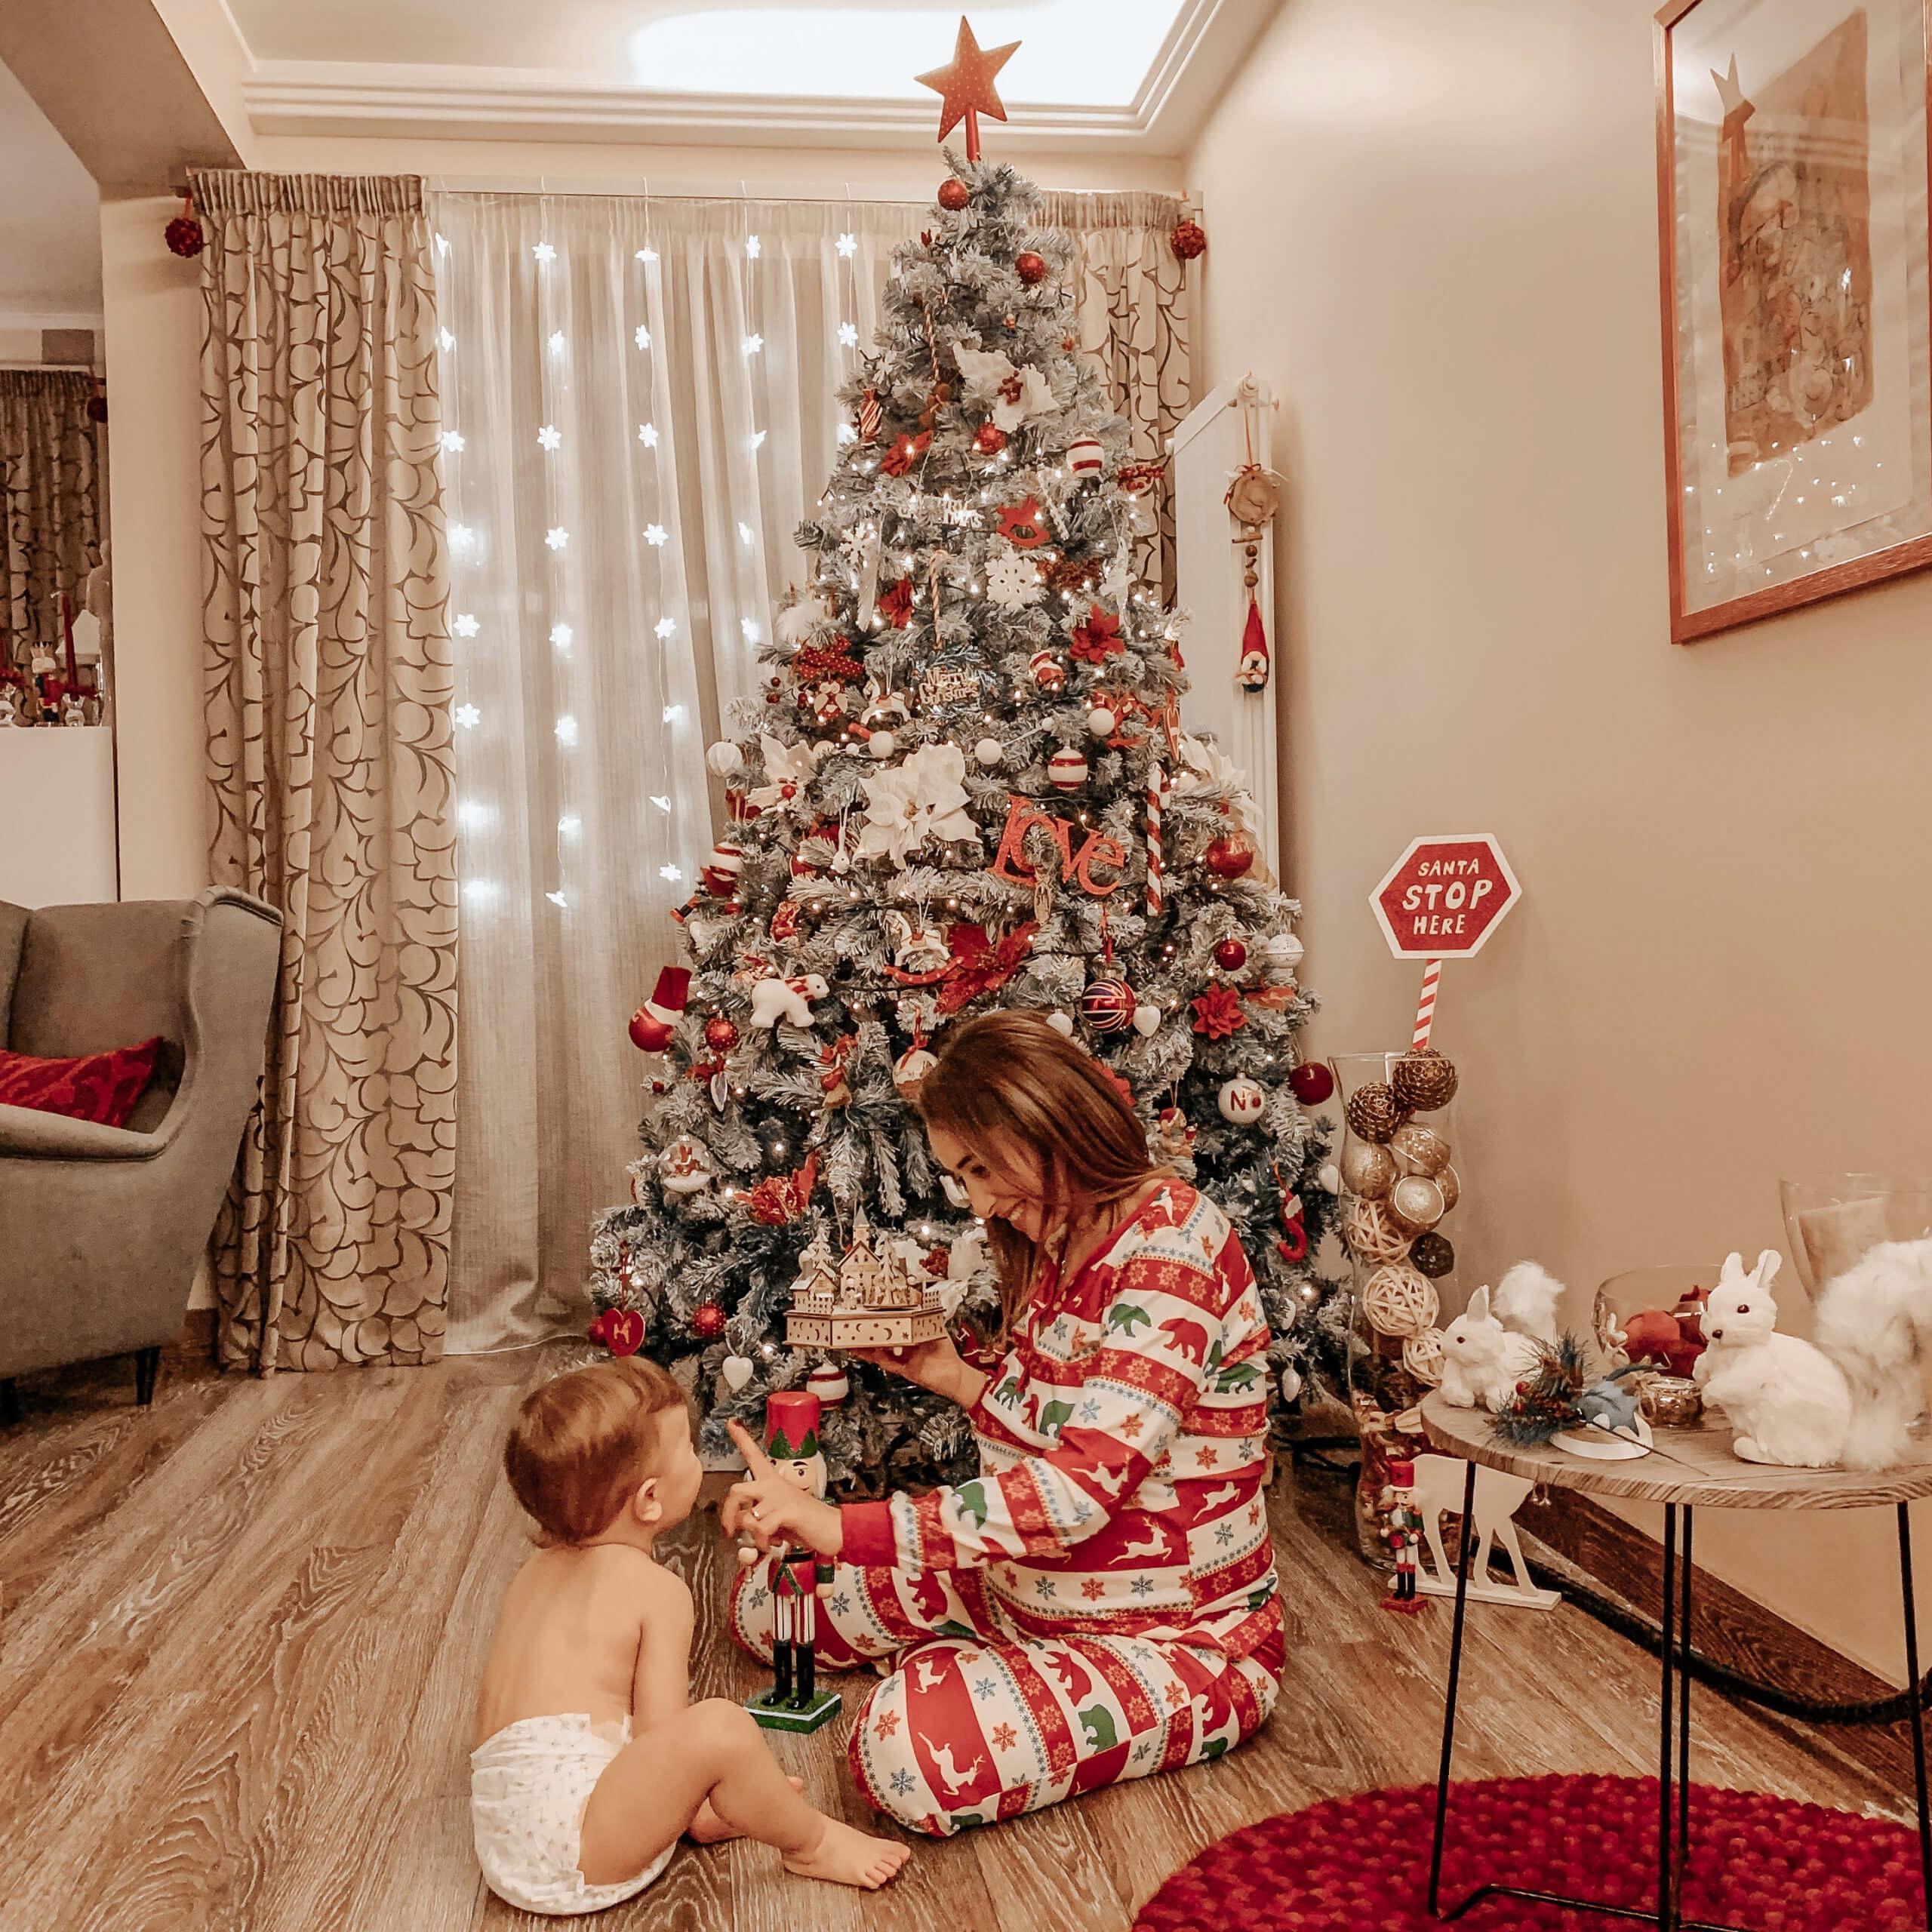 Decorare la casa per Natale con gli allestimenti di Euronova